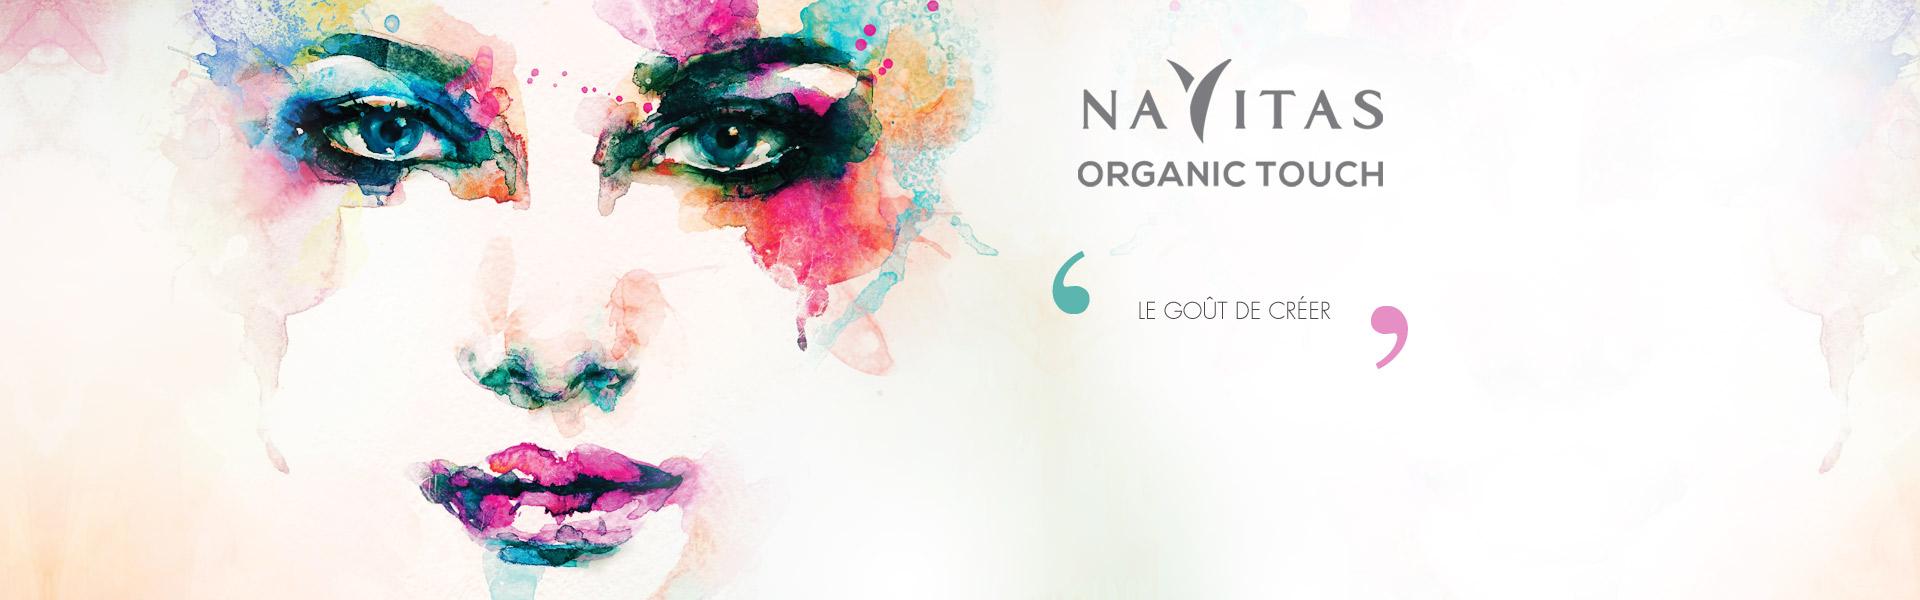 navitas_OT_fr